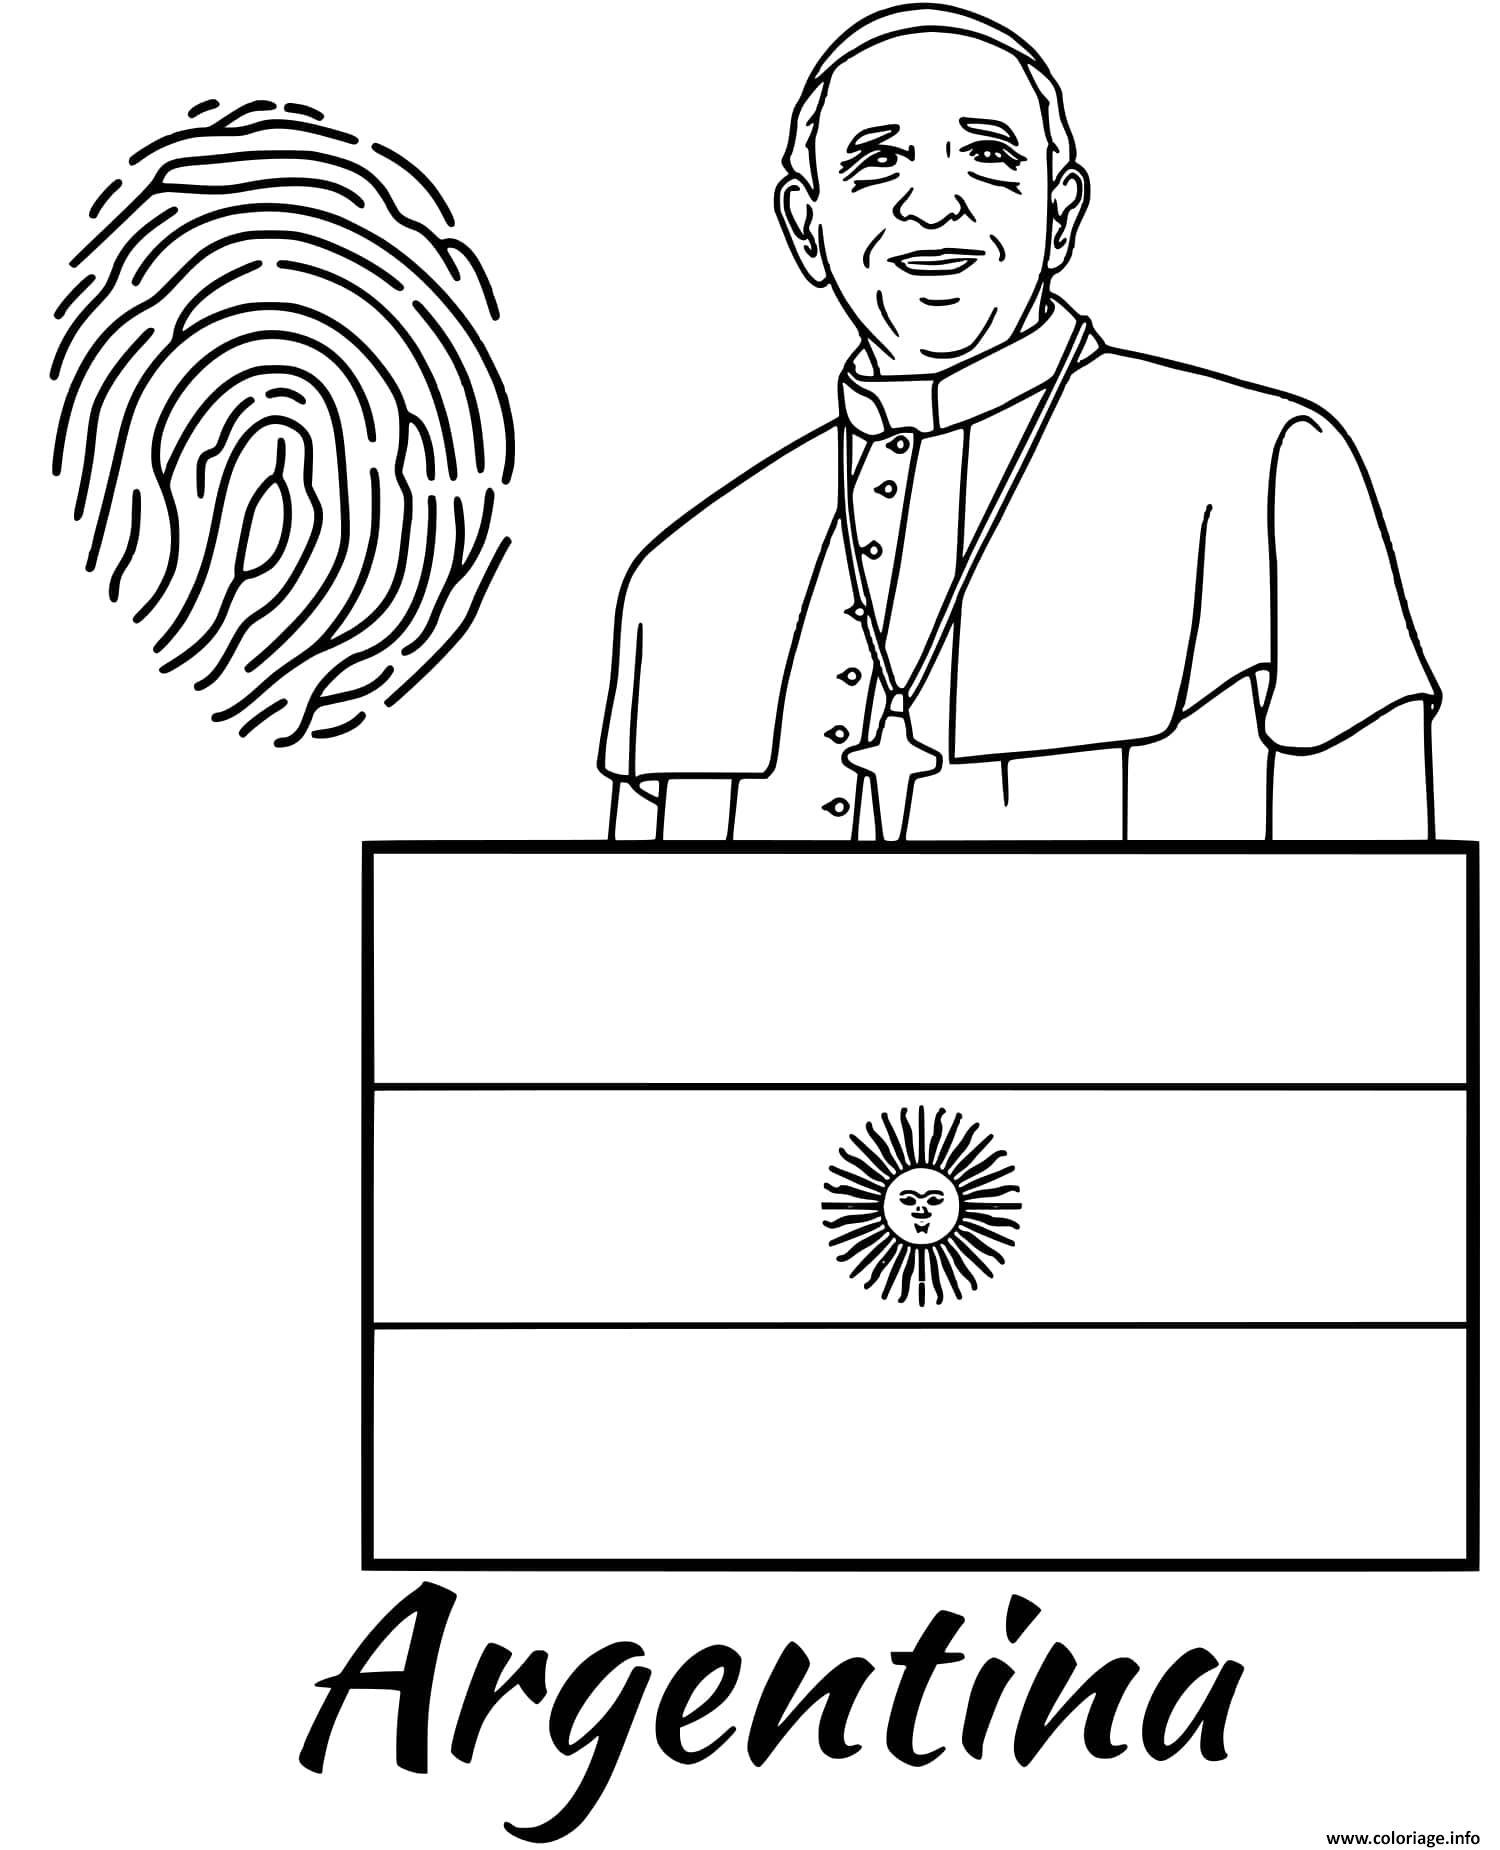 Dessin argentine drapeau fingerprint Coloriage Gratuit à Imprimer